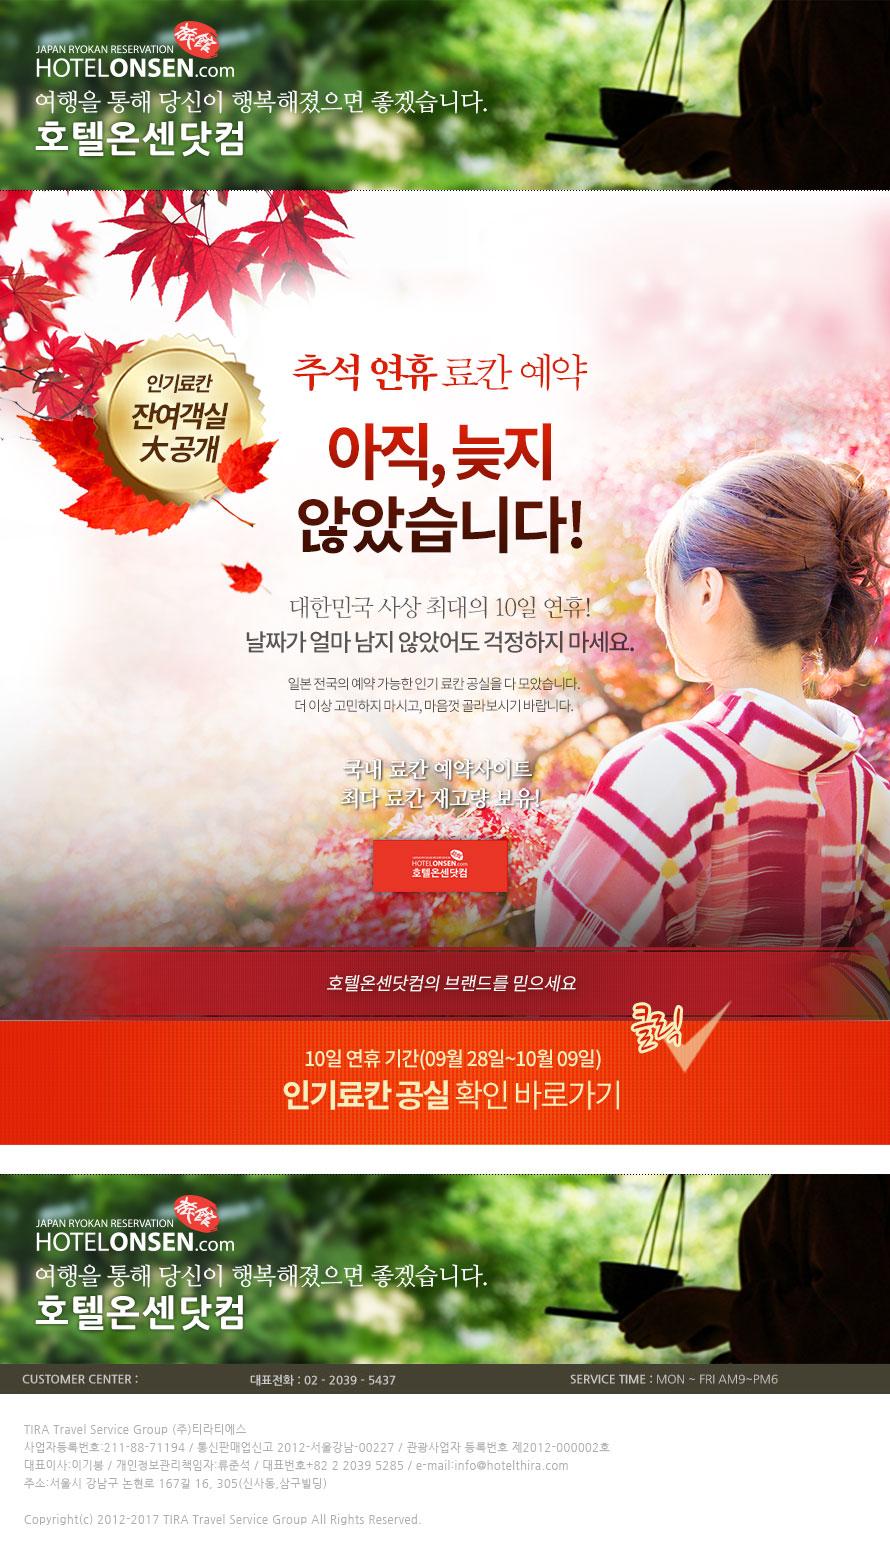 호텔온센닷컴, 10월 연휴 예약 늦지 않았습니다. 인기 료칸 공실 대량 확보중!